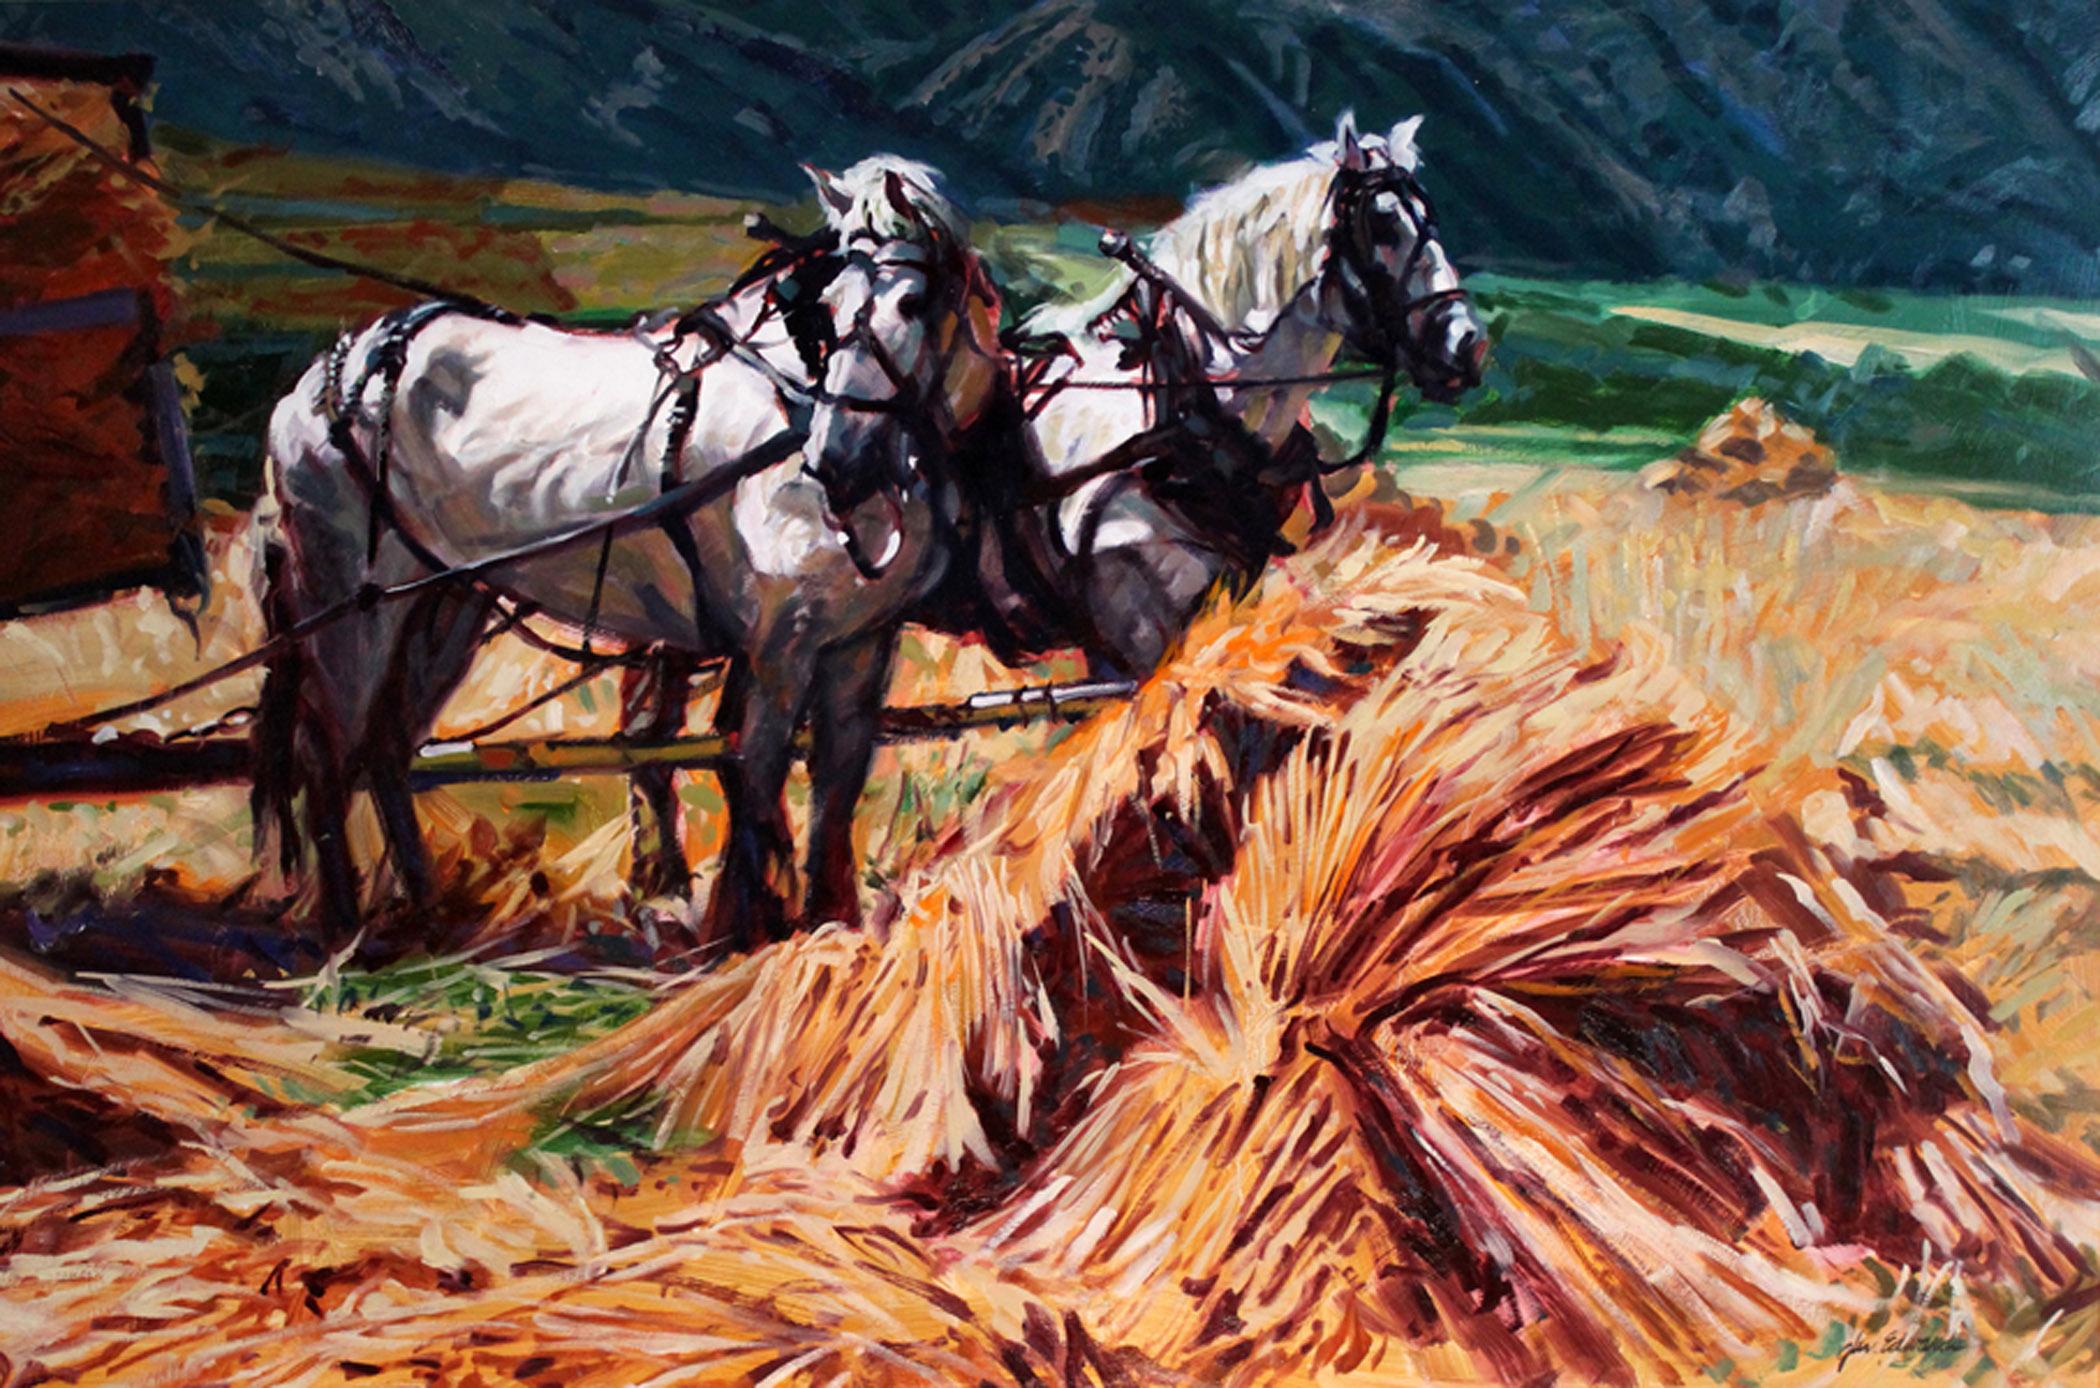 Golden Harvest by  Glen Edwards - Masterpiece Online